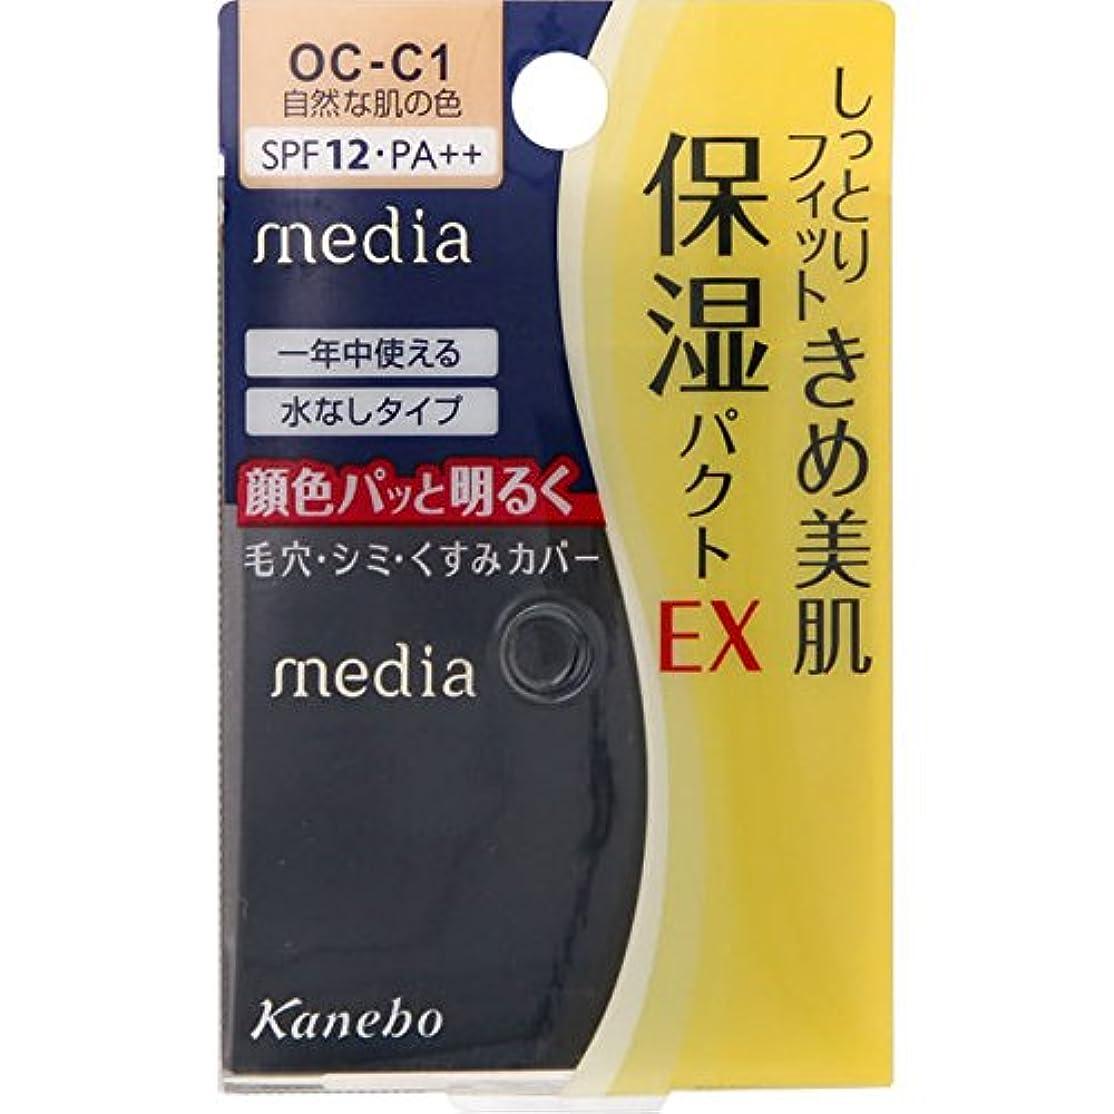 カネボウ メディア モイストフィットパクトEX OC-C1(11g)